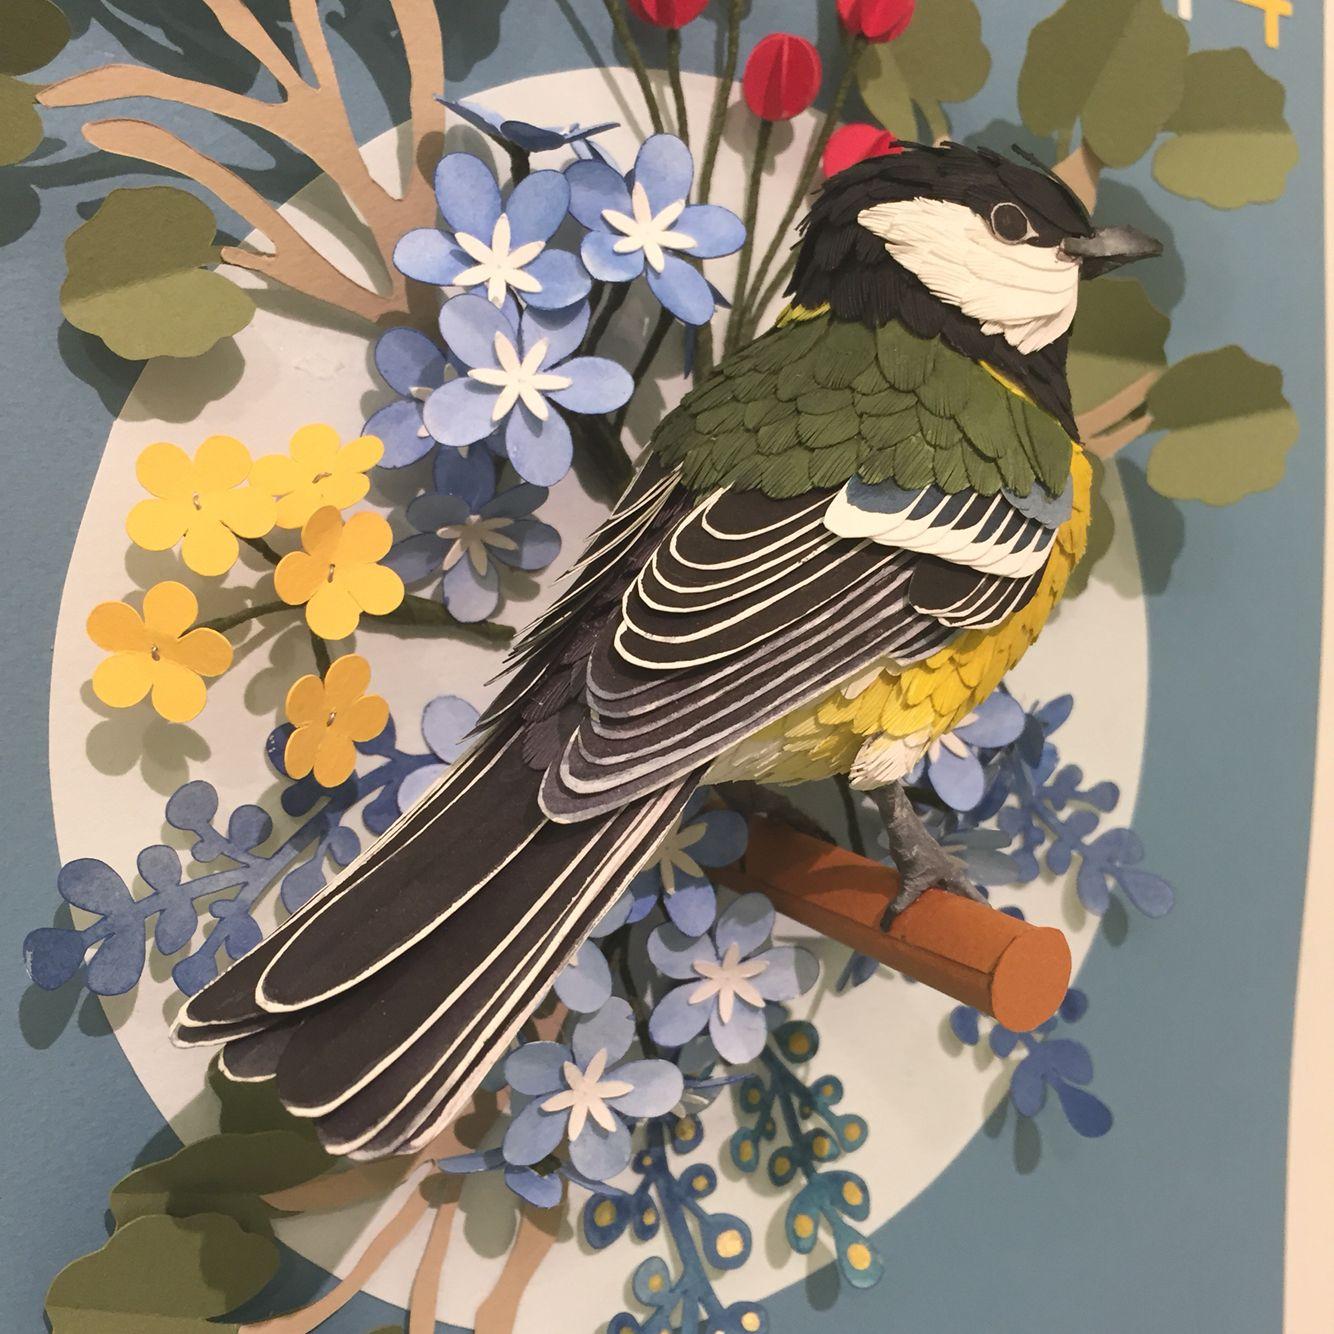 Paper Art Exhibition at the CODA museum in Apeldoorn | Inspiring ...